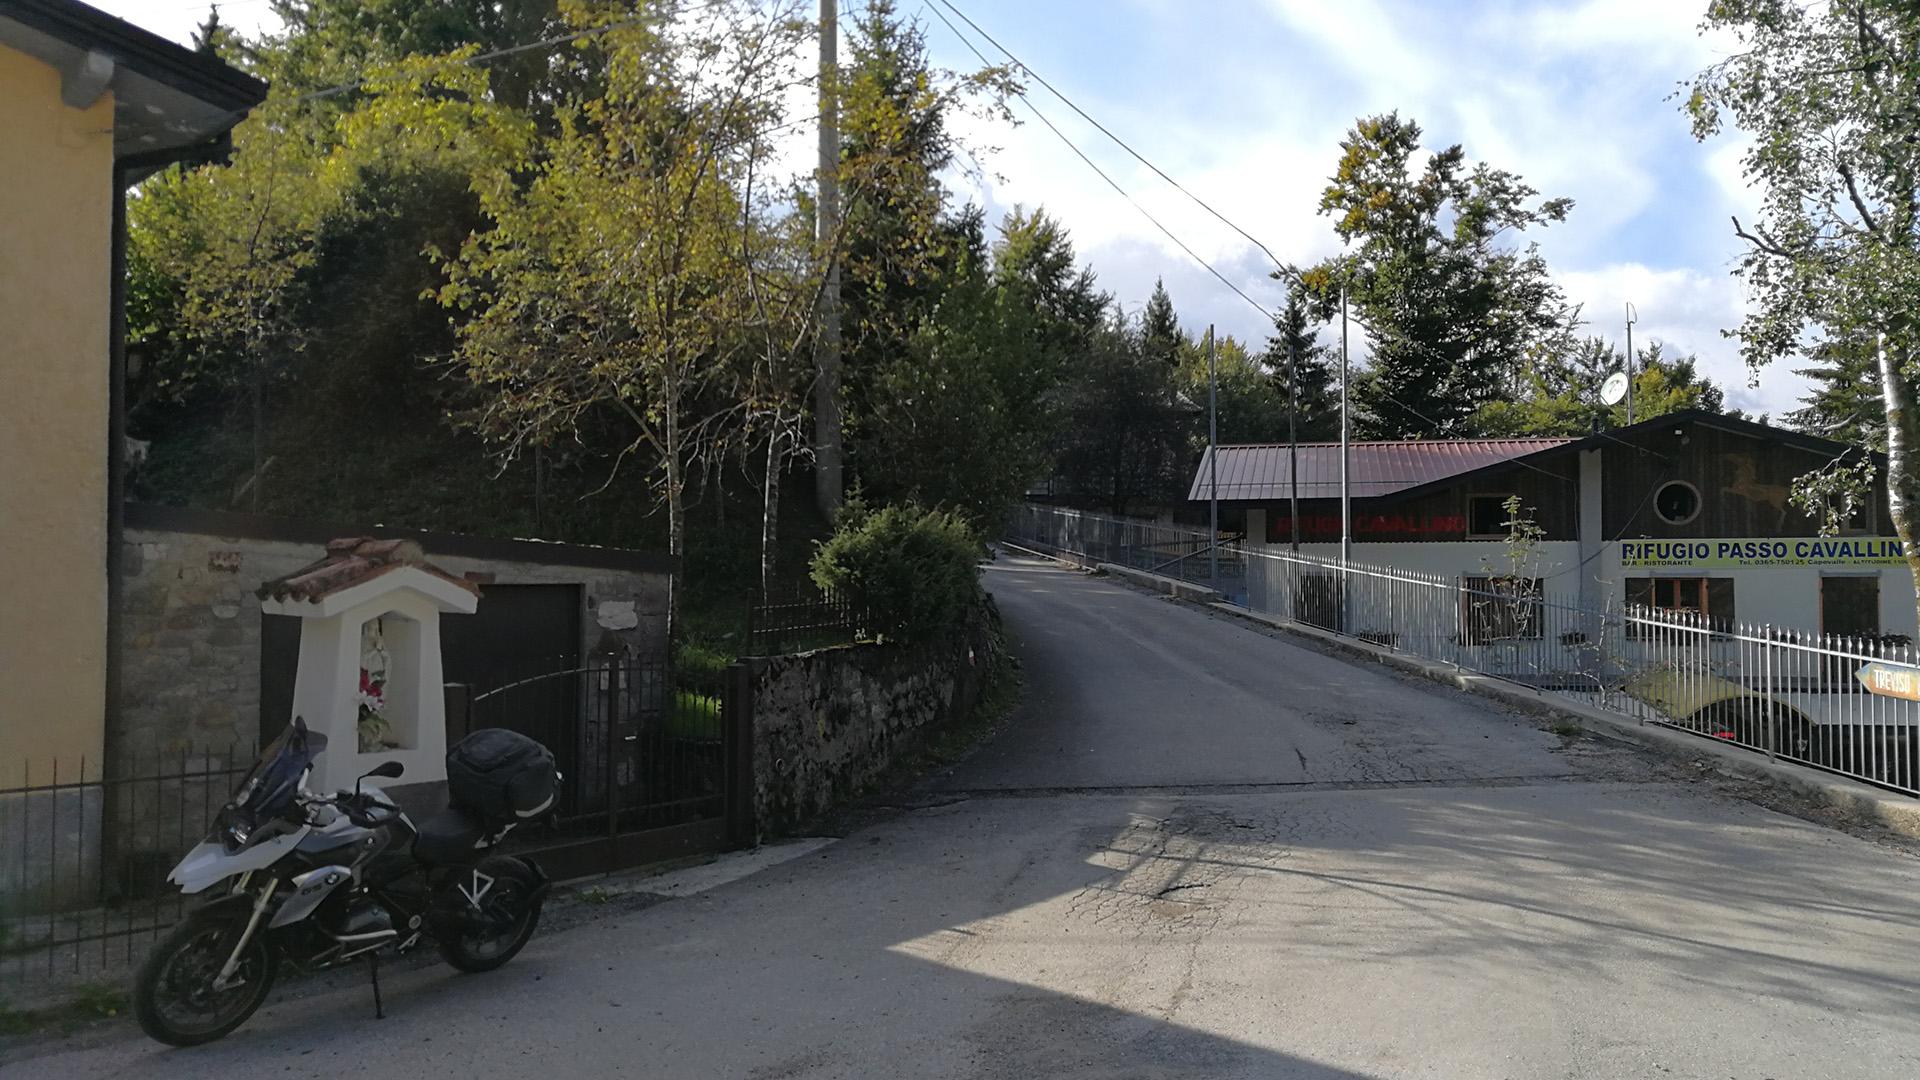 1093 - I - Passo del Cavallino della Fobbia